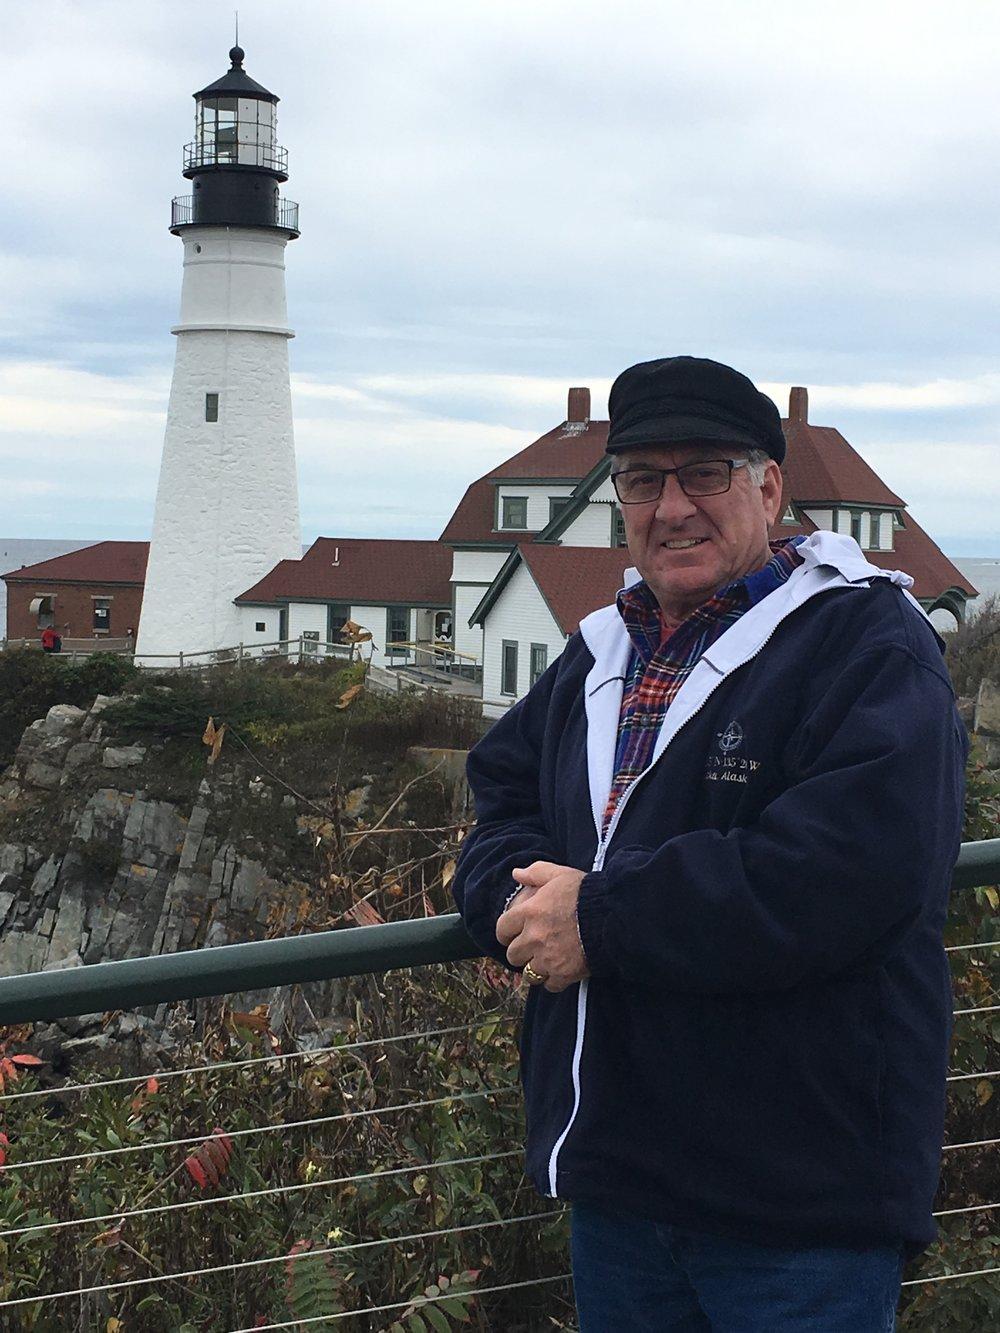 Paul and Lighthouse.JPG